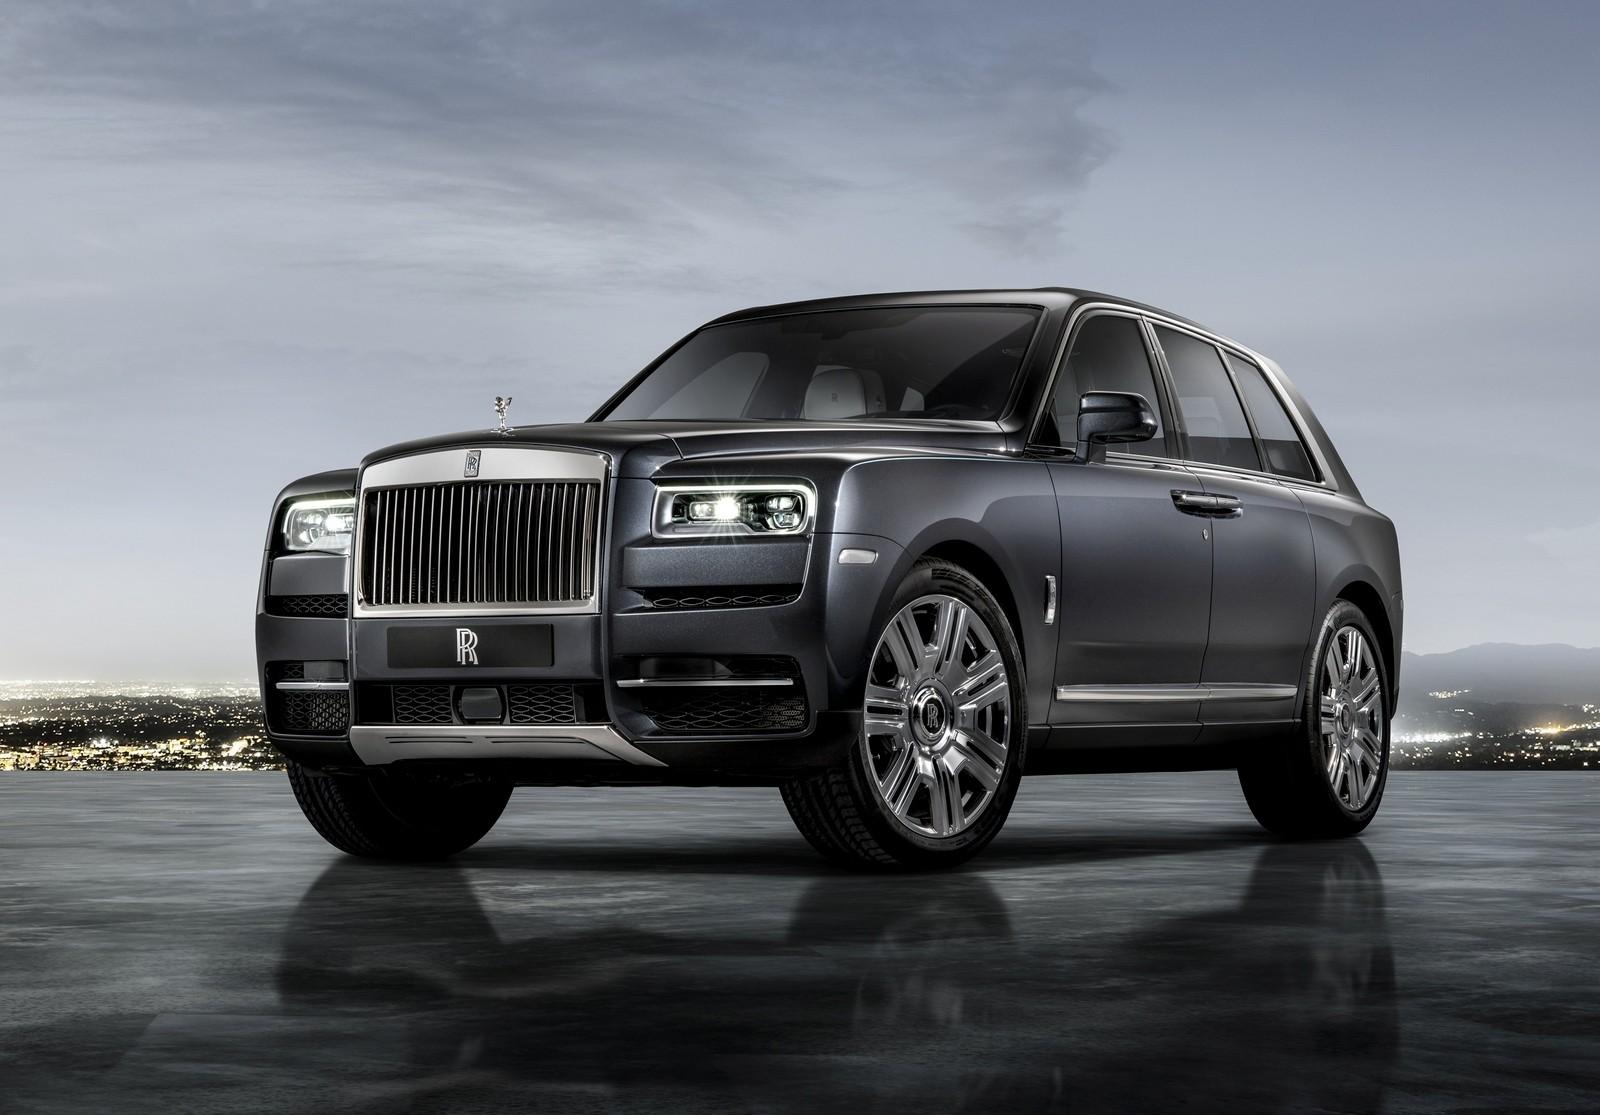 Недавно появились слухи о грядущем появлении «заряженной» версии Rolls-Royce Cullinan. Теперь стала доступна первая информация об автомобиле.